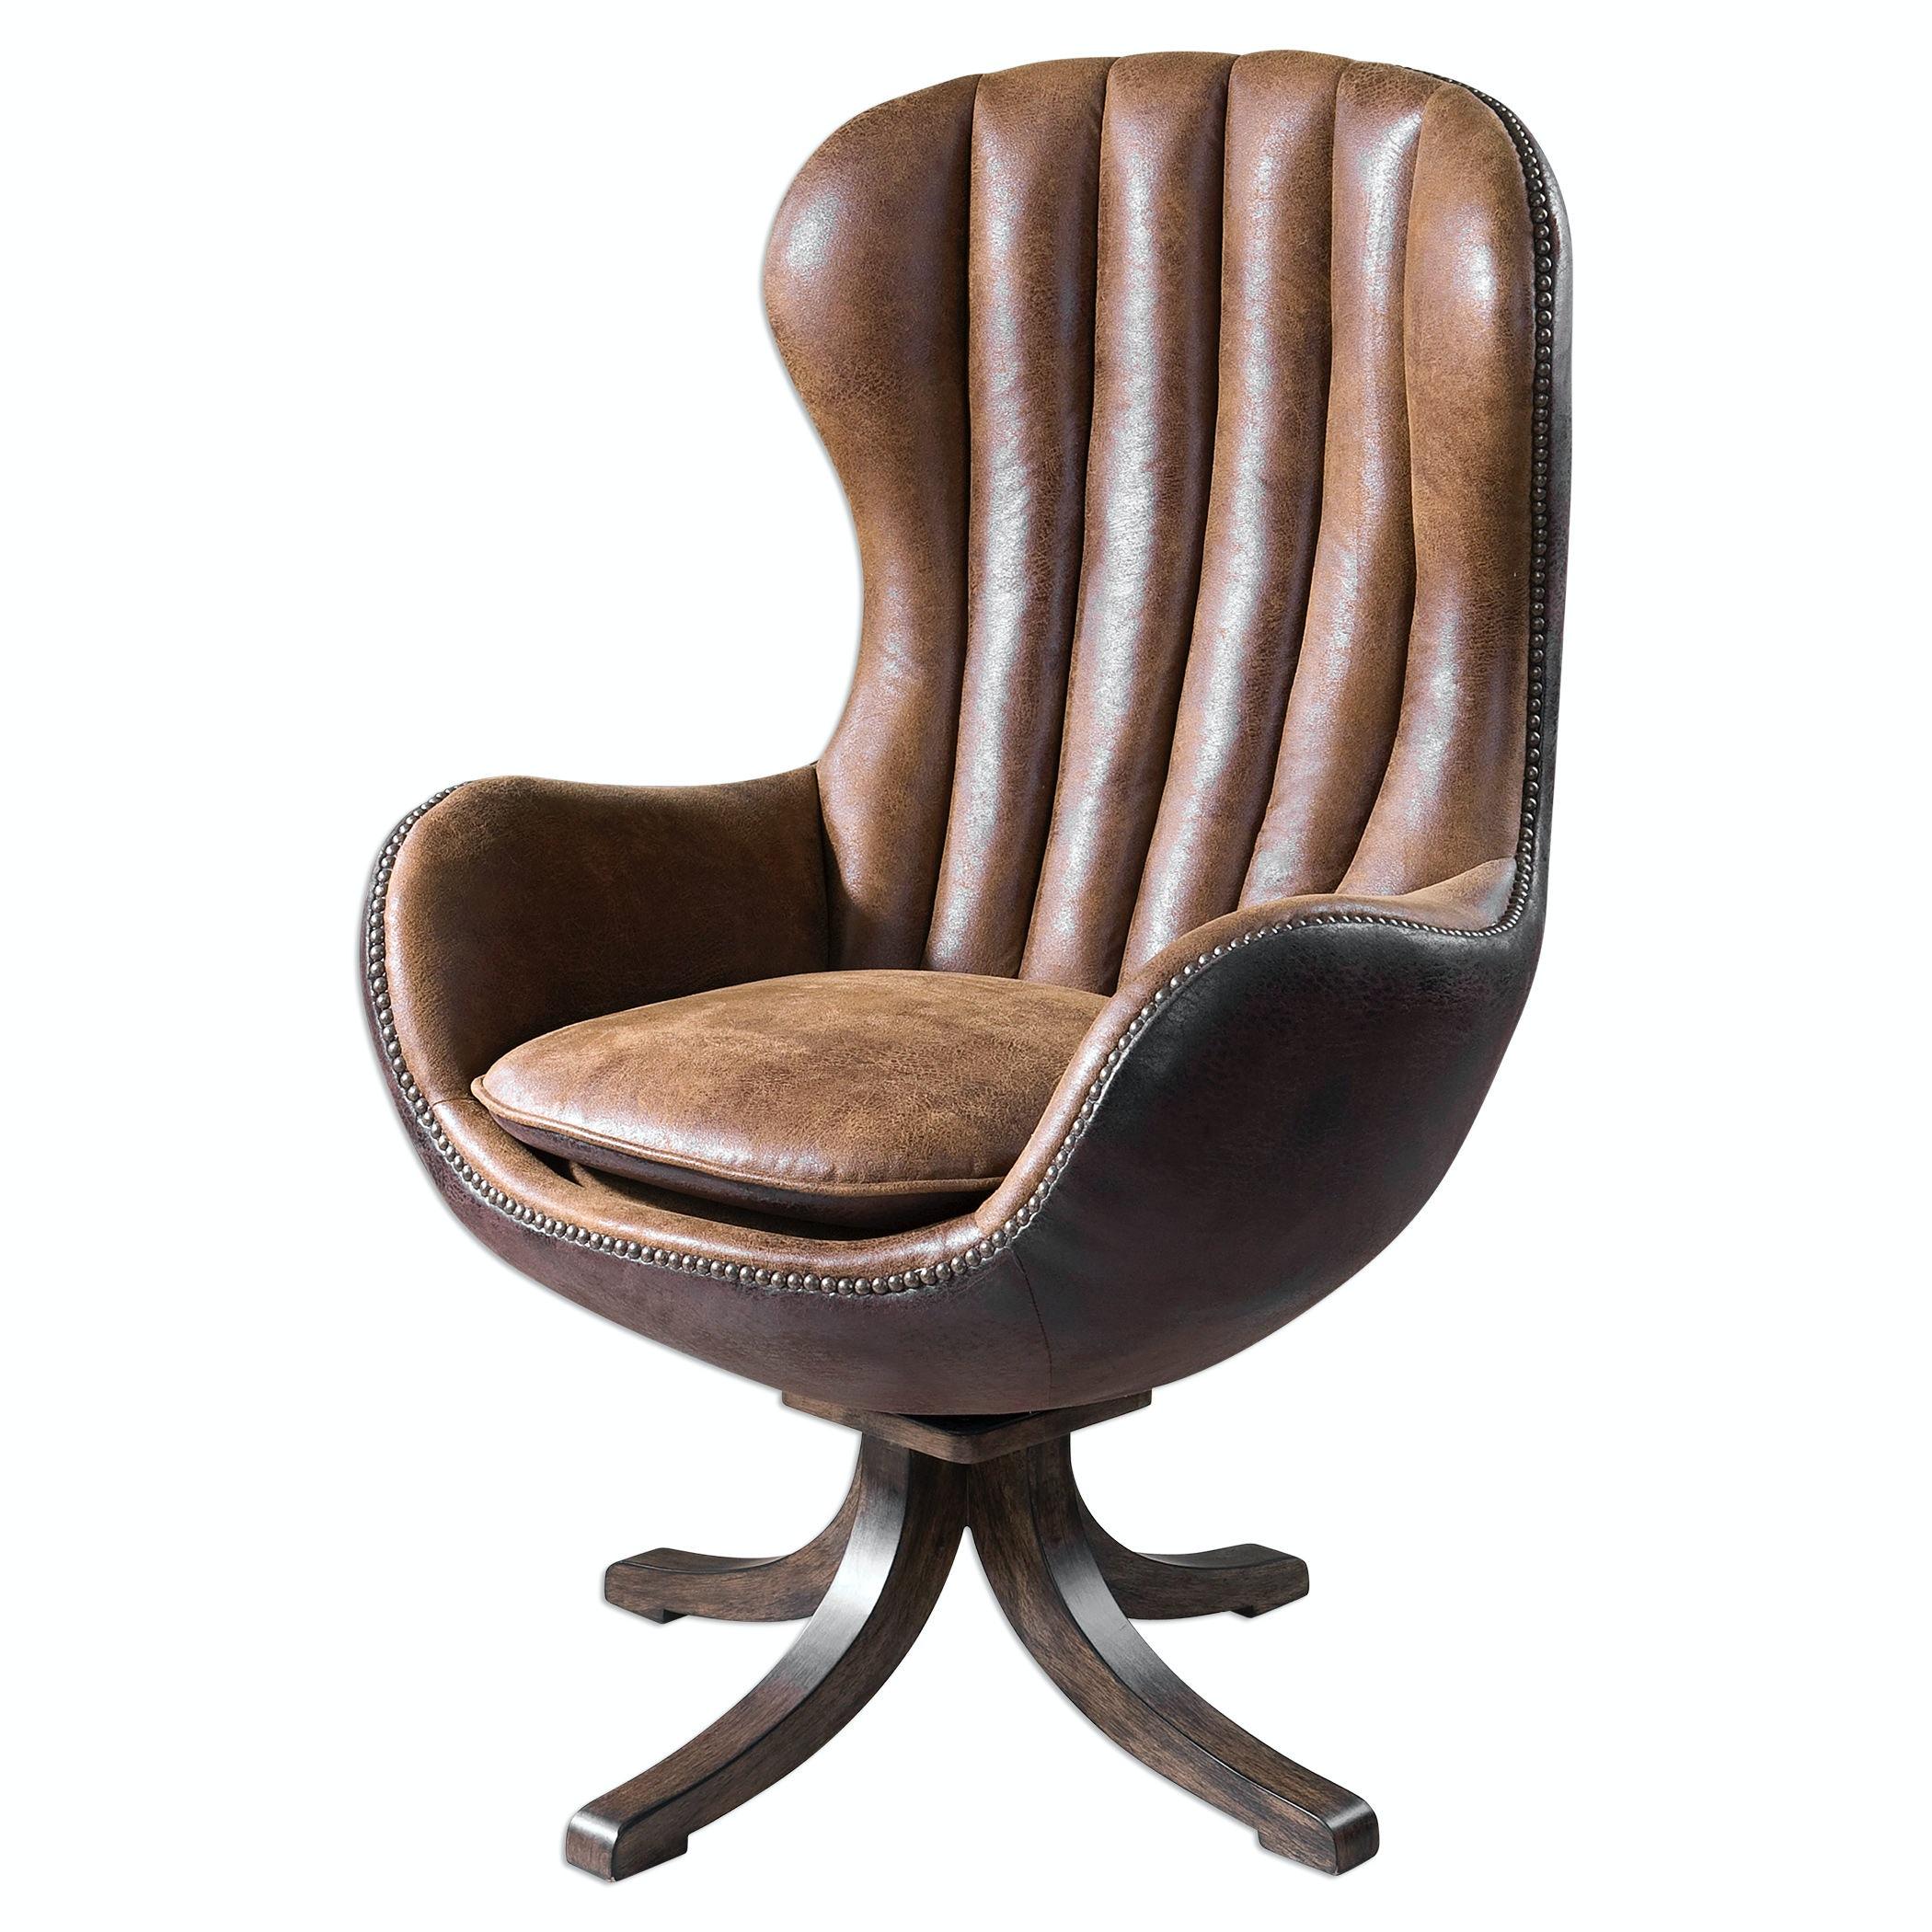 Uttermost Garrett Mid Century Swivel Chair UT23268 From Walter E. Smithe  Furniture + Design